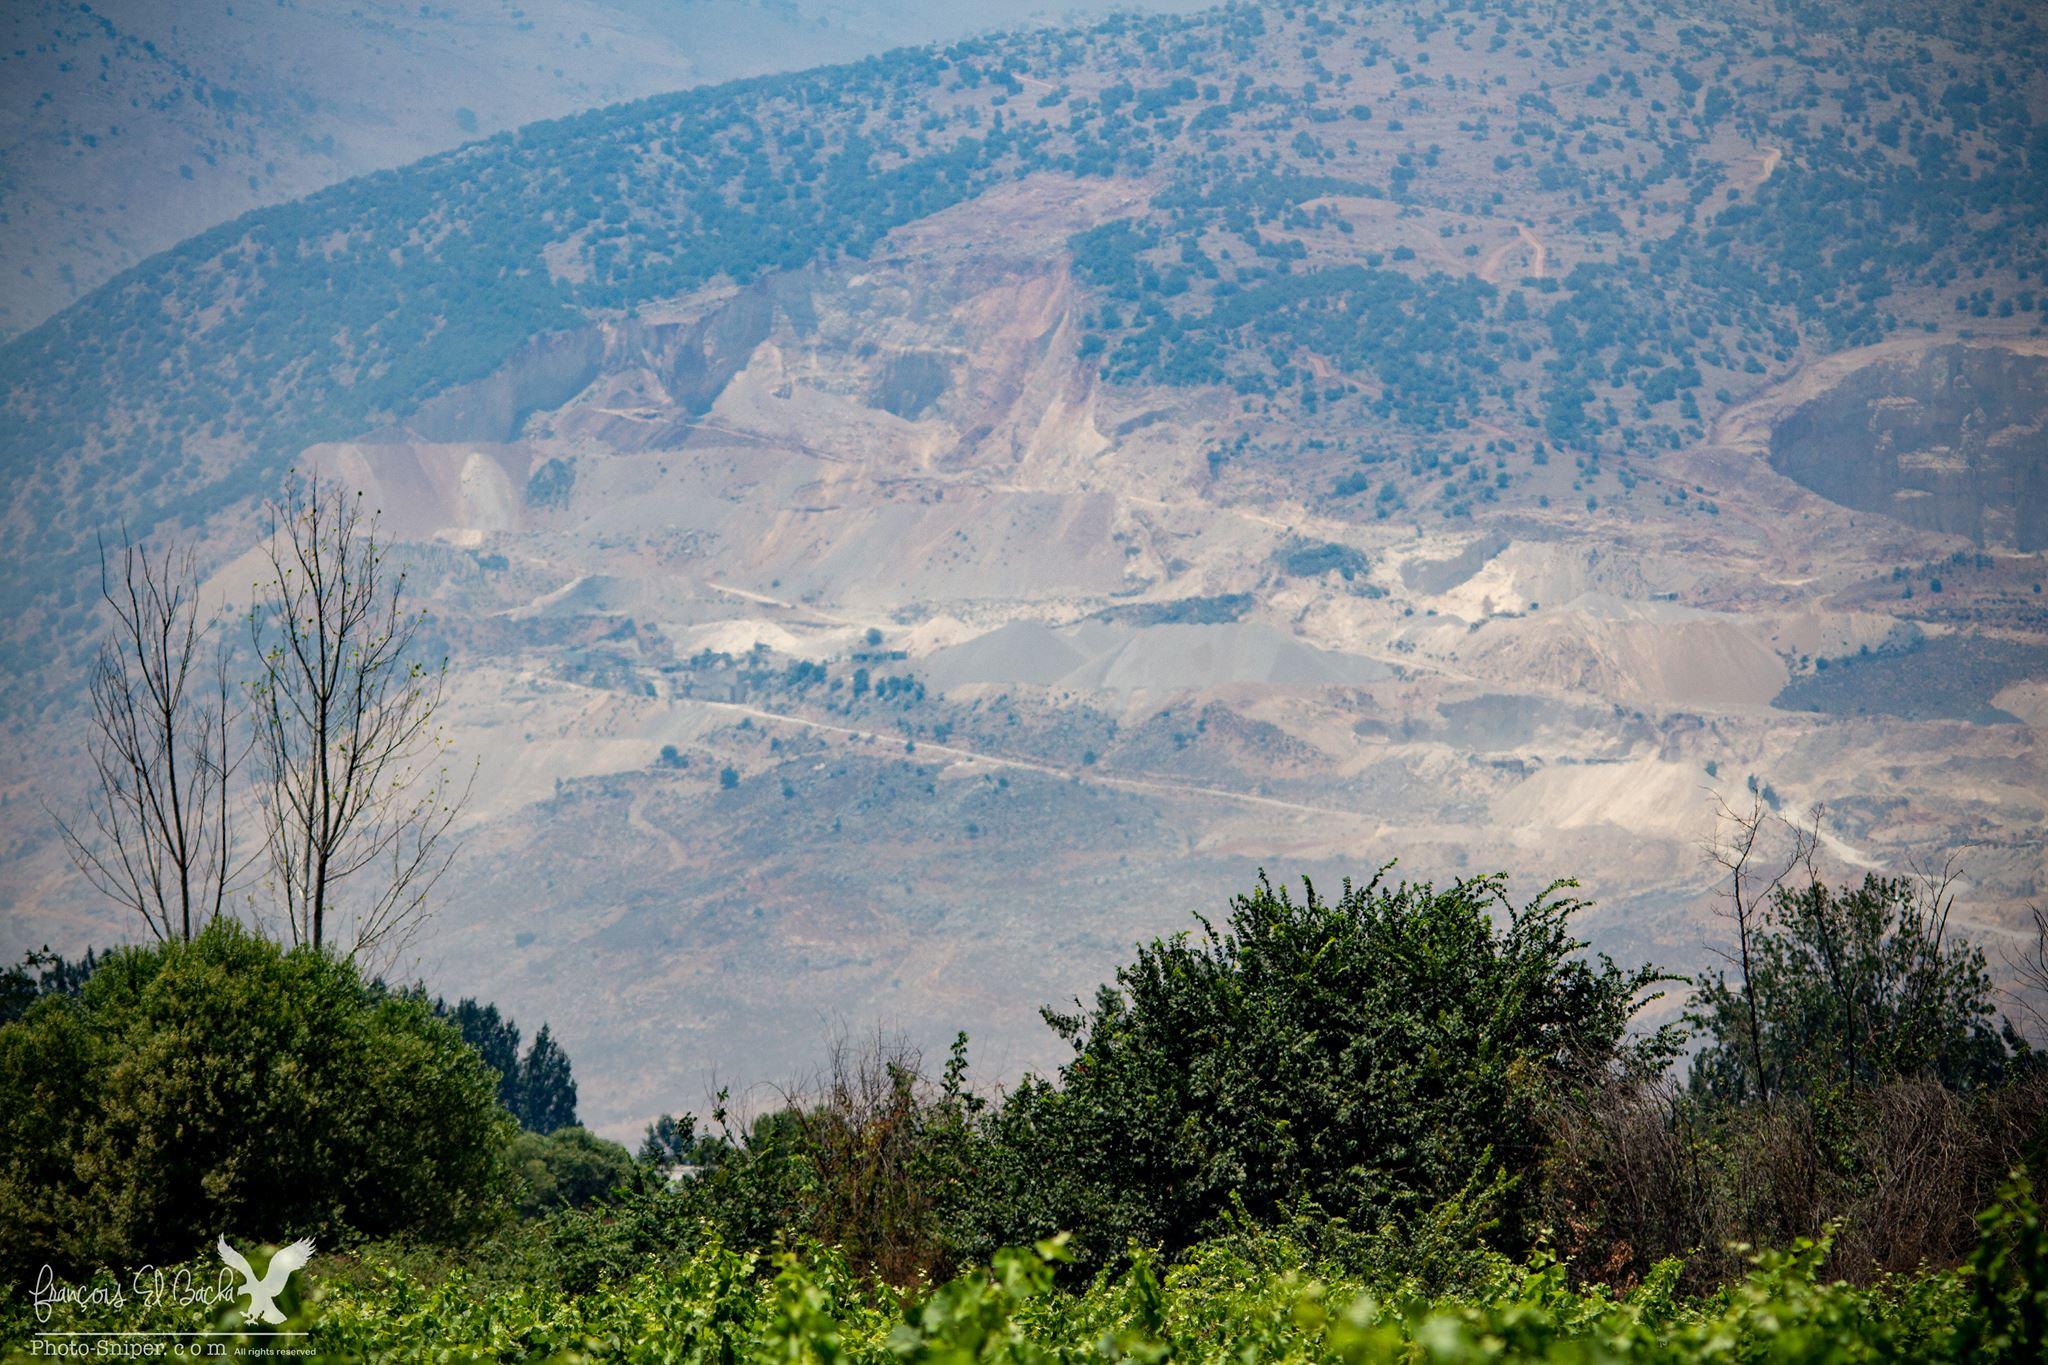 Les carrières de Pierre Fattoush vues depuis les fermes de Taanayel. Crédit Photo: François el Bacha